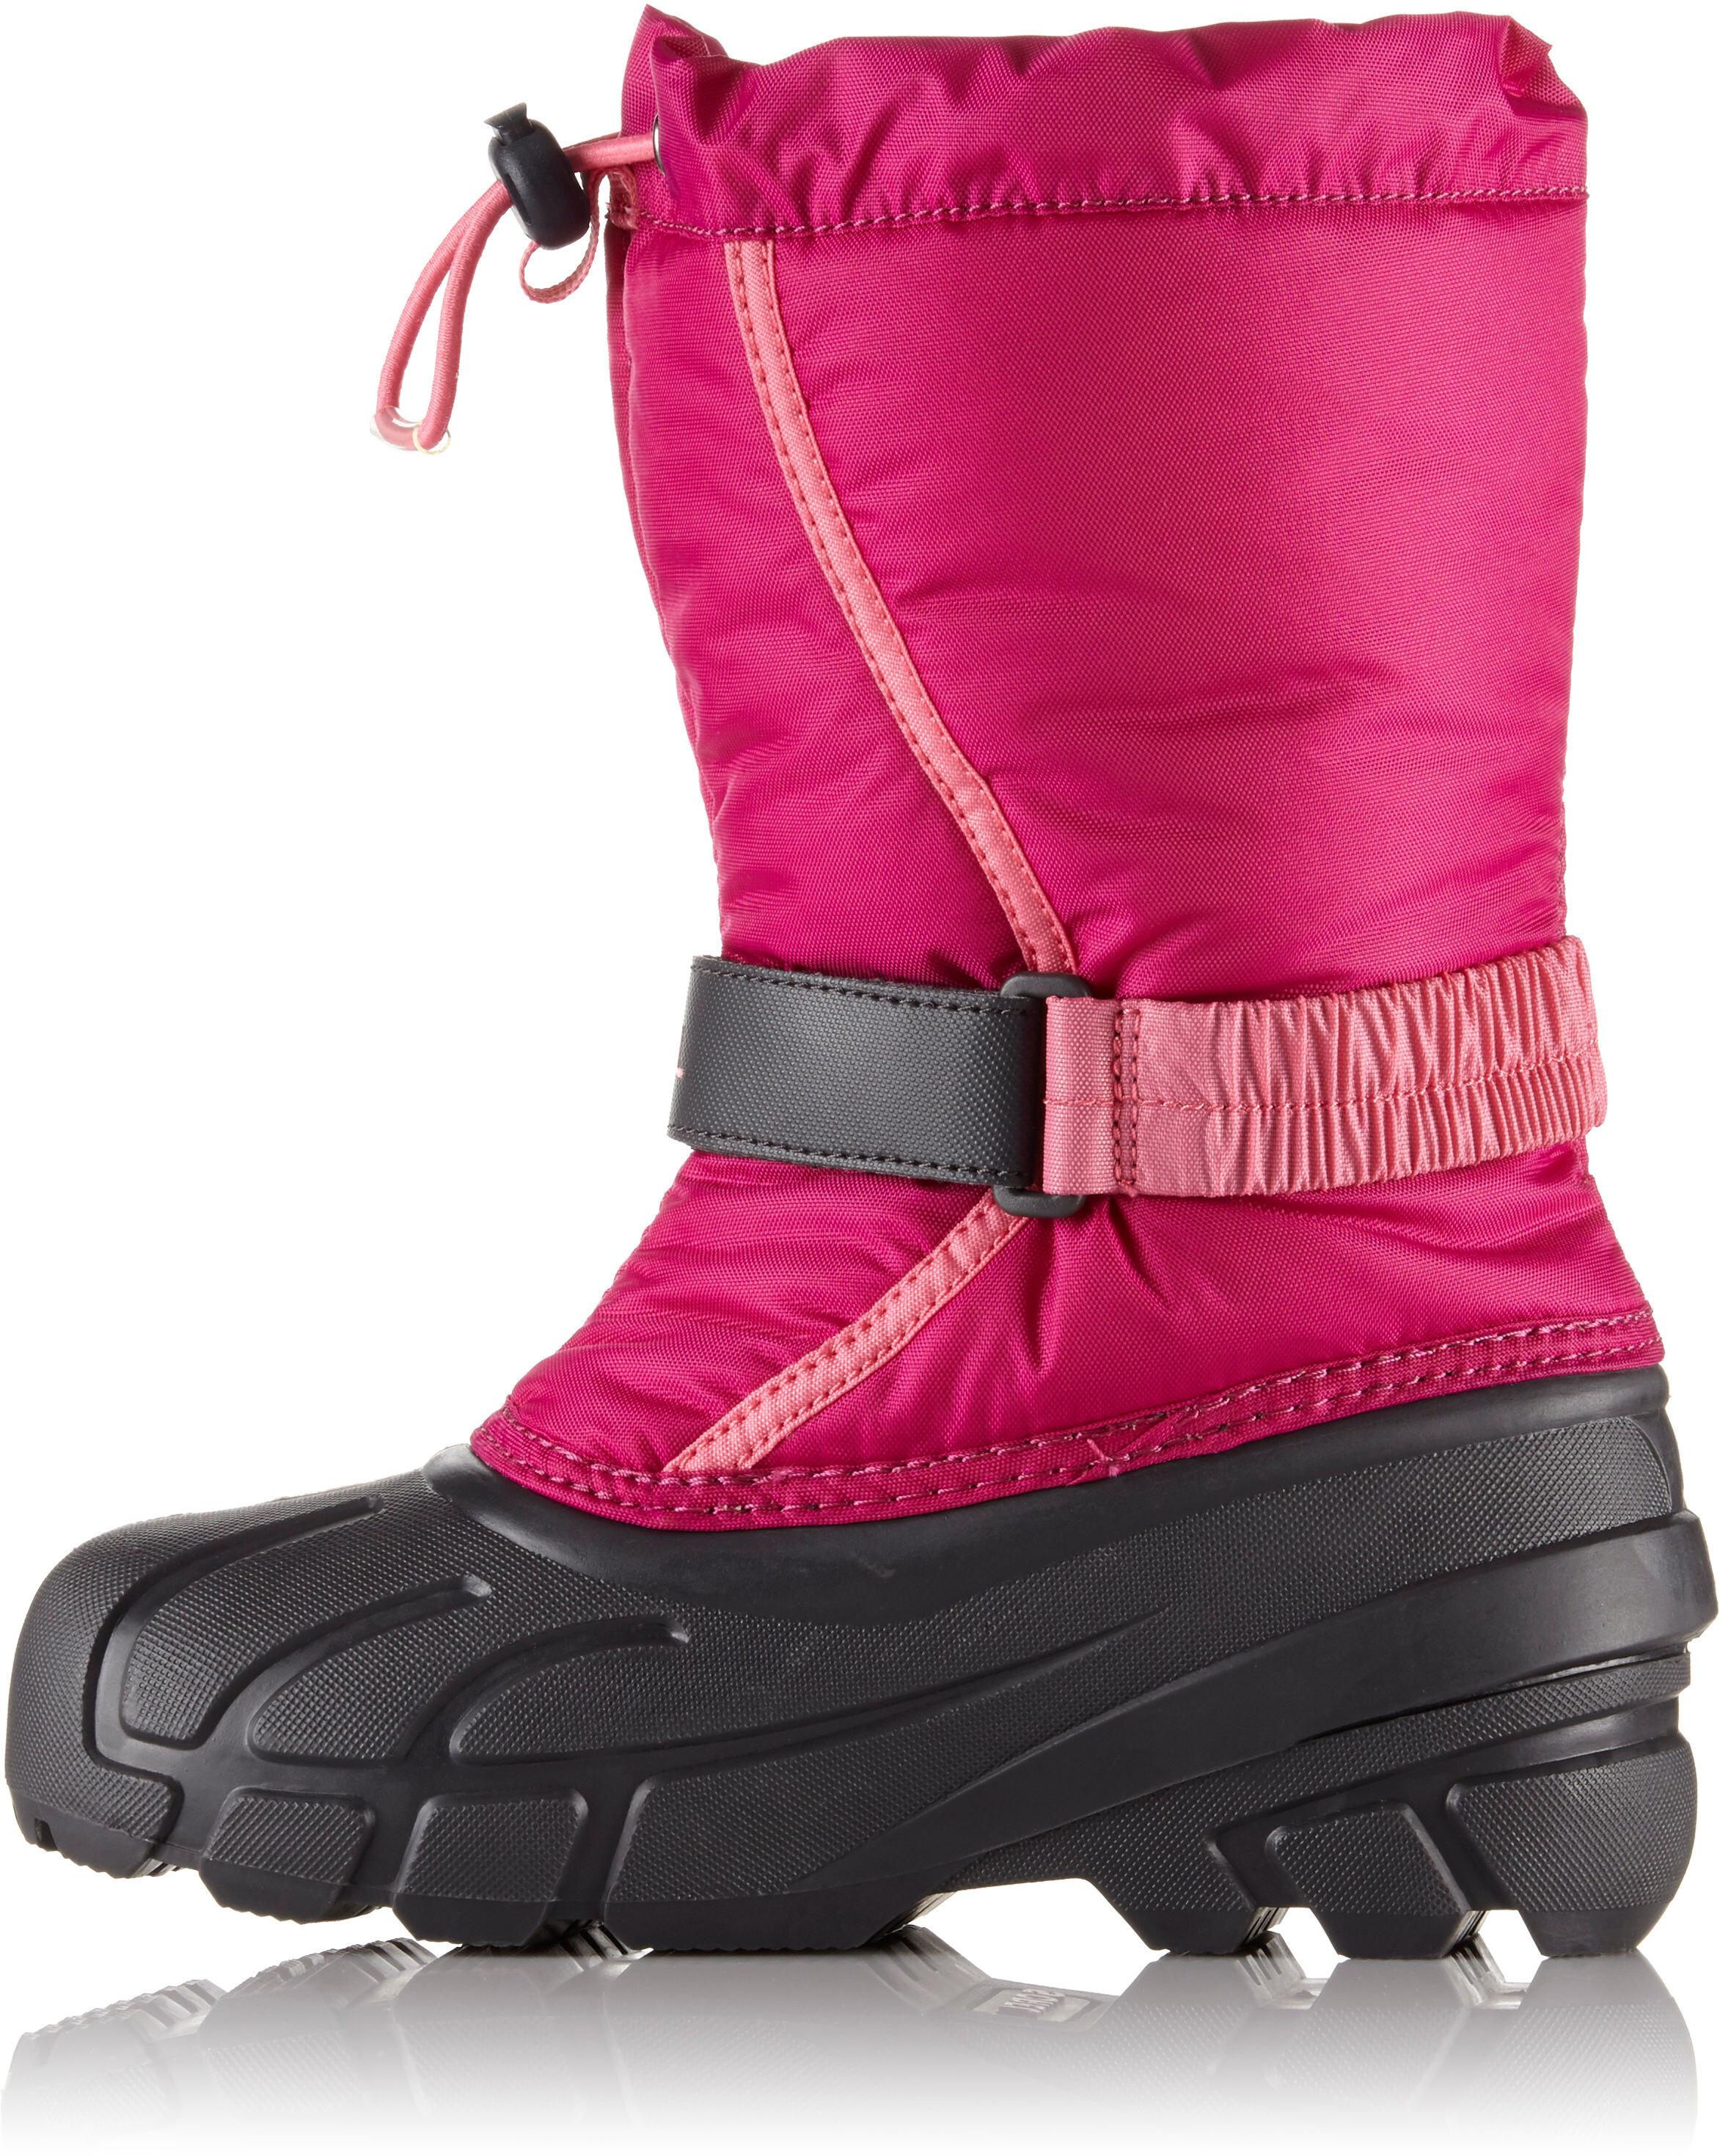 cb82730c Sorel Flurry Støvler Børn, deep blush/tropic pink | Find outdoortøj ...